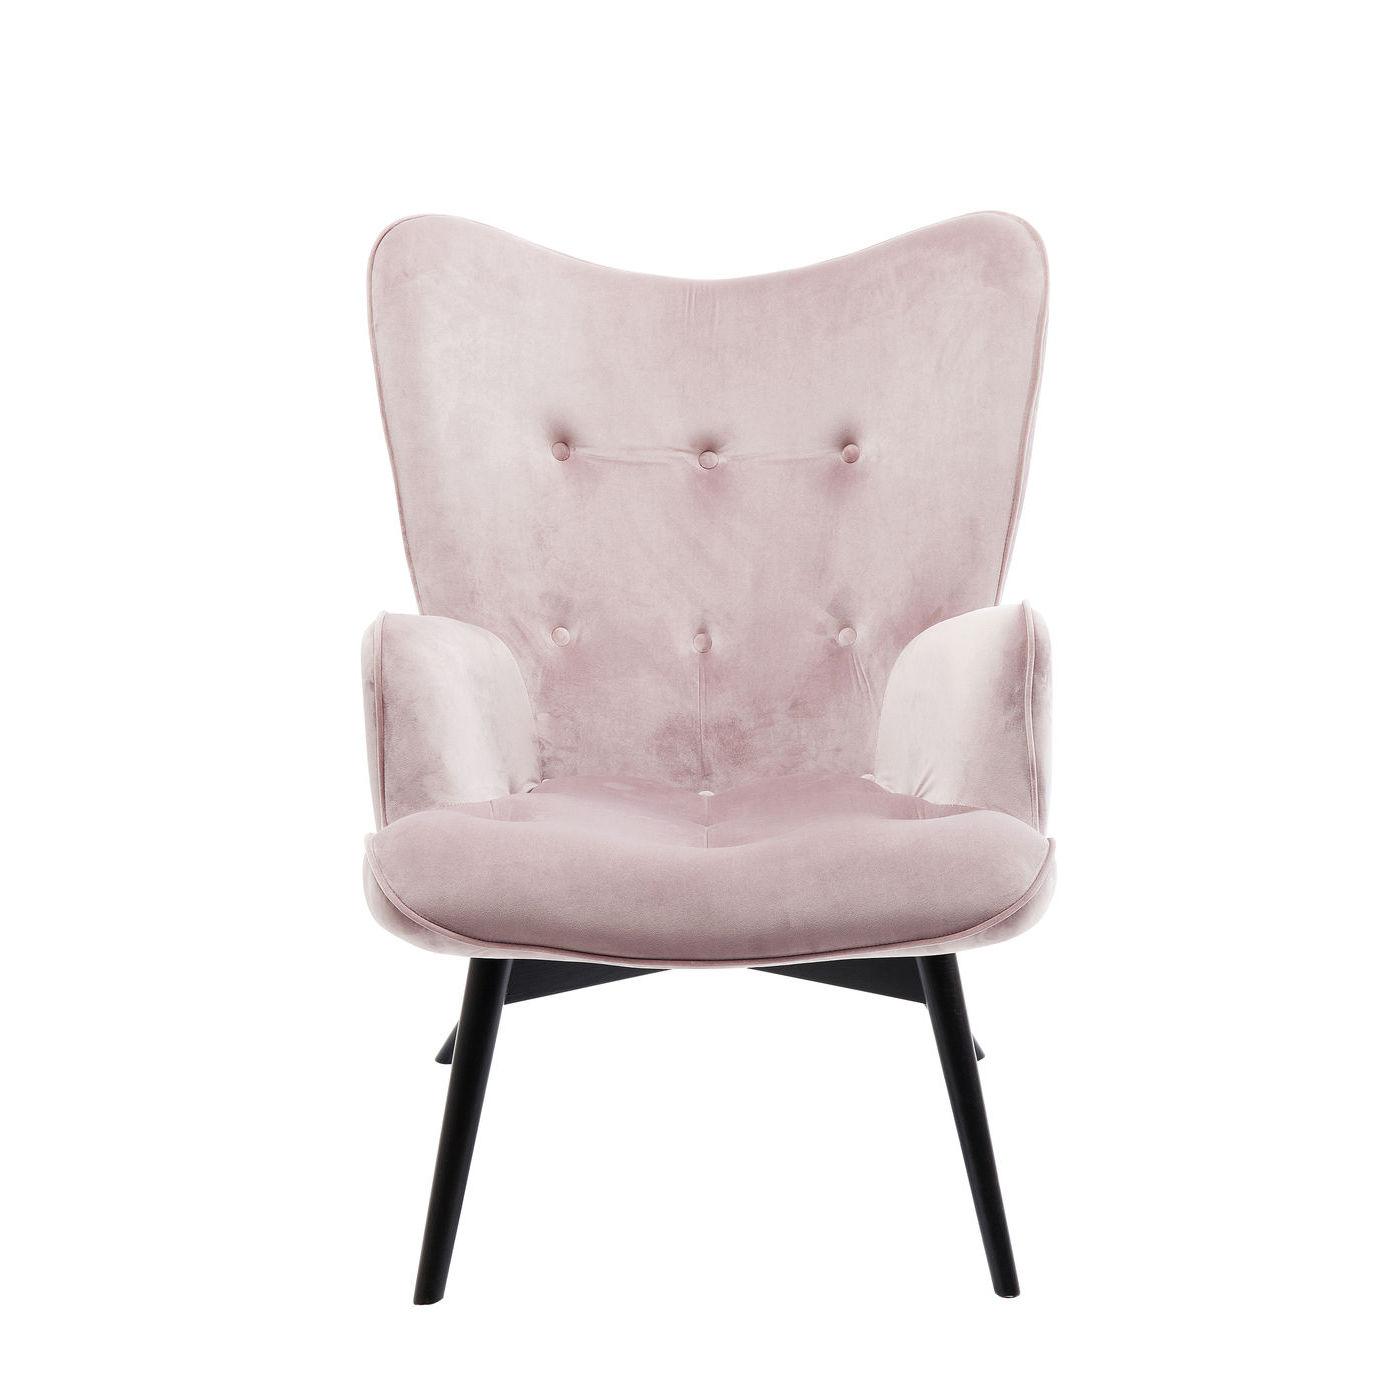 kare design Kare design black vicky velvet mauve lænestol - lyserødt stof/sort bøg, m. armlæn fra boboonline.dk